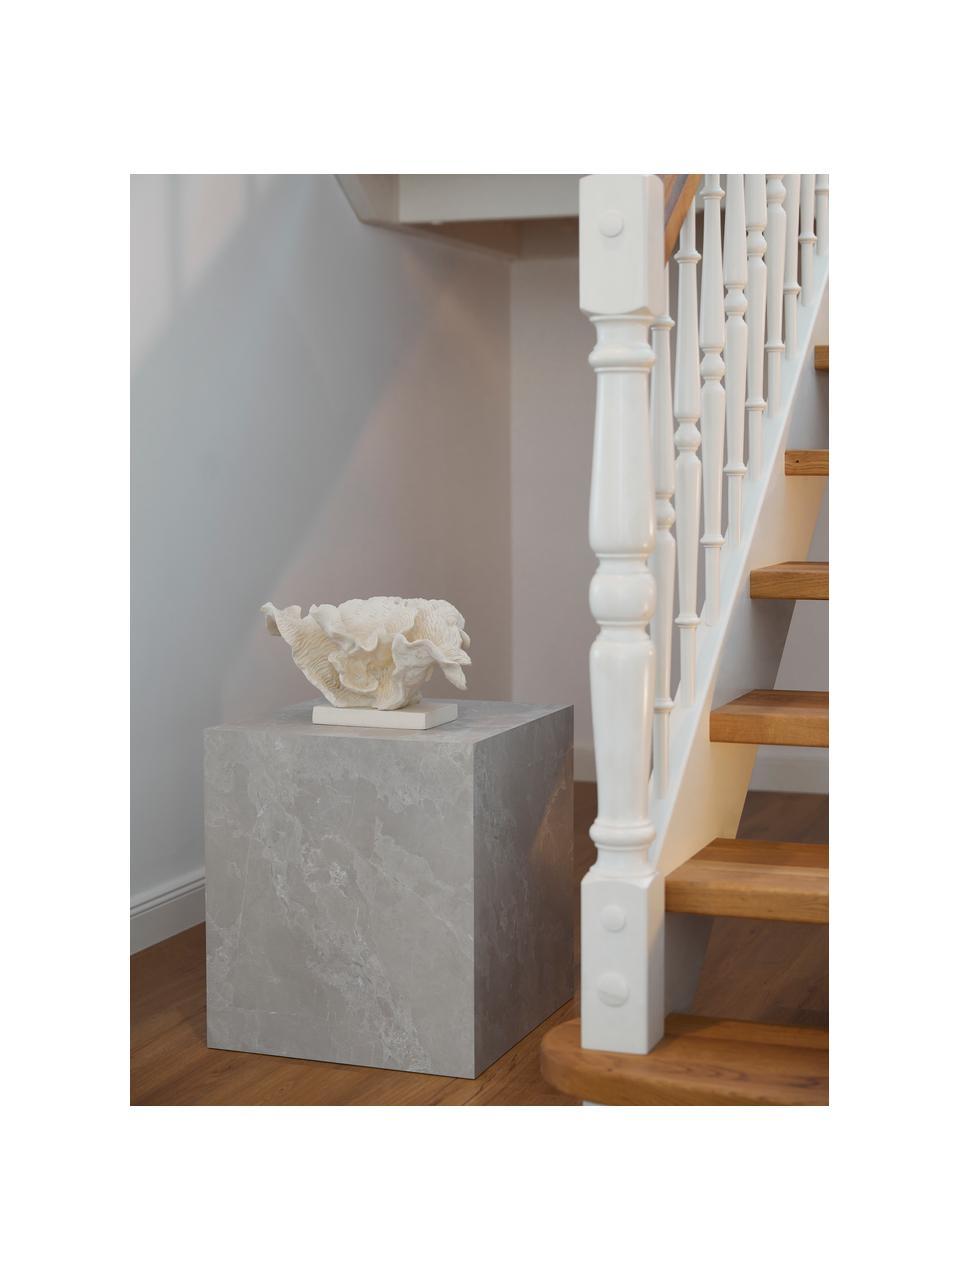 Stolik pomocniczy z imitacją betonu Lesley, Płyta pilśniowa średniej gęstości (MDF) pokryta folią melaminową, Szary, imitacja betonu, S 45 x W 50 cm